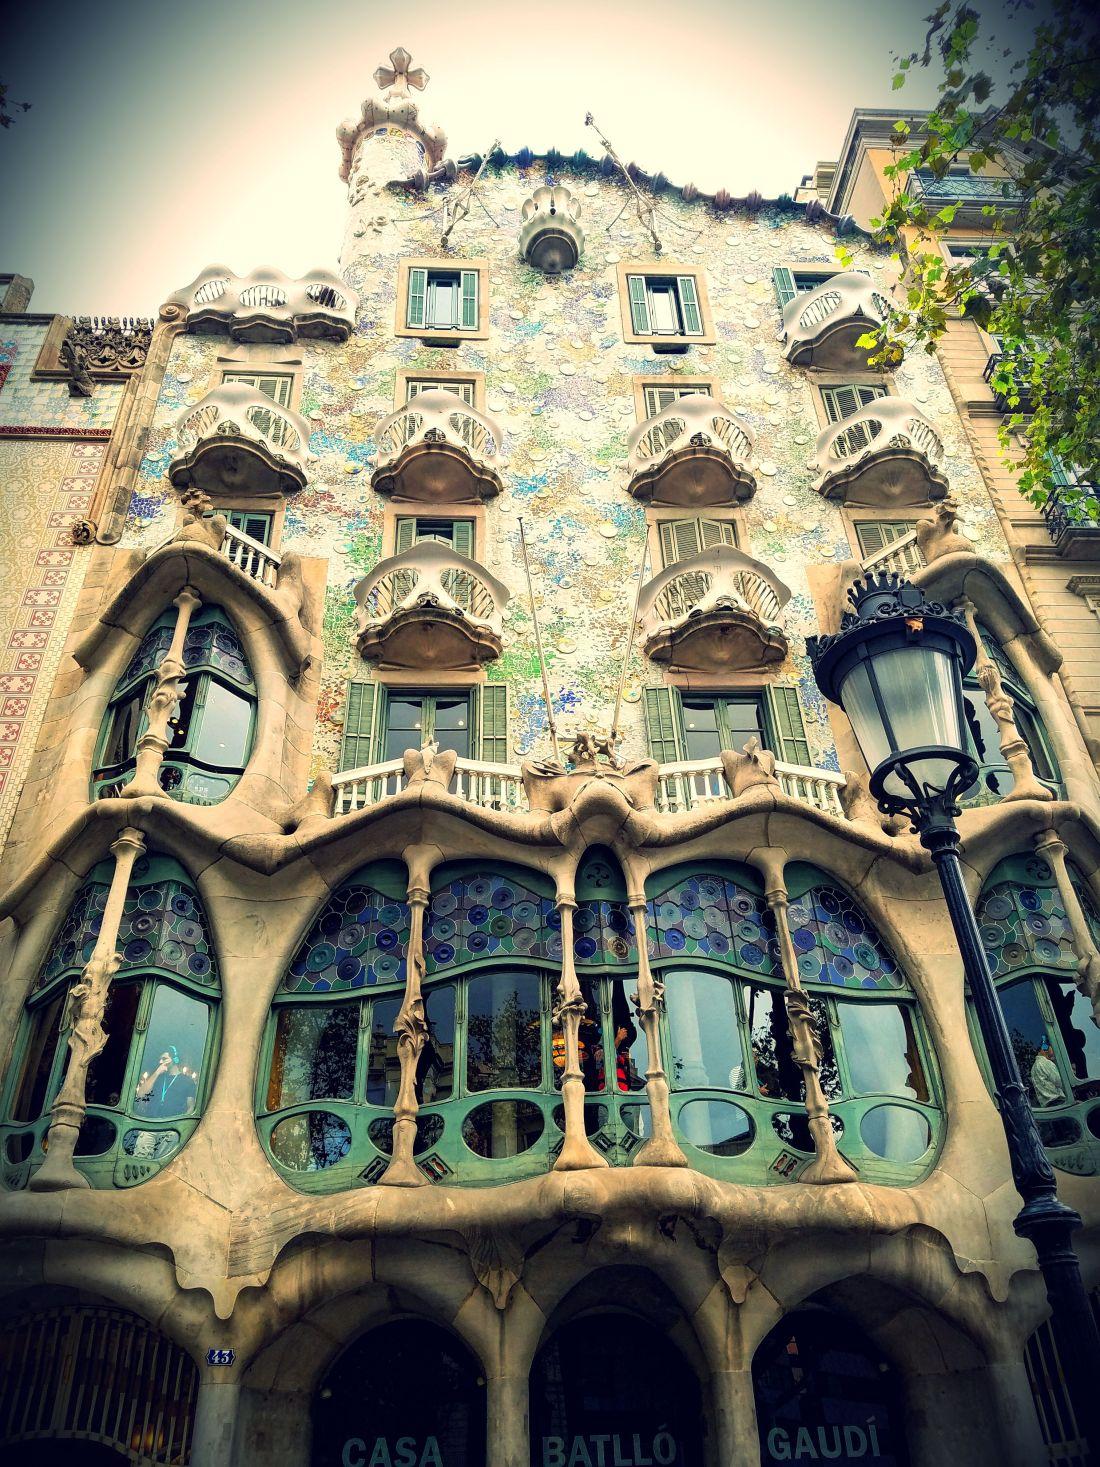 3 Day Barcelona Itinerary: Casa Batllo